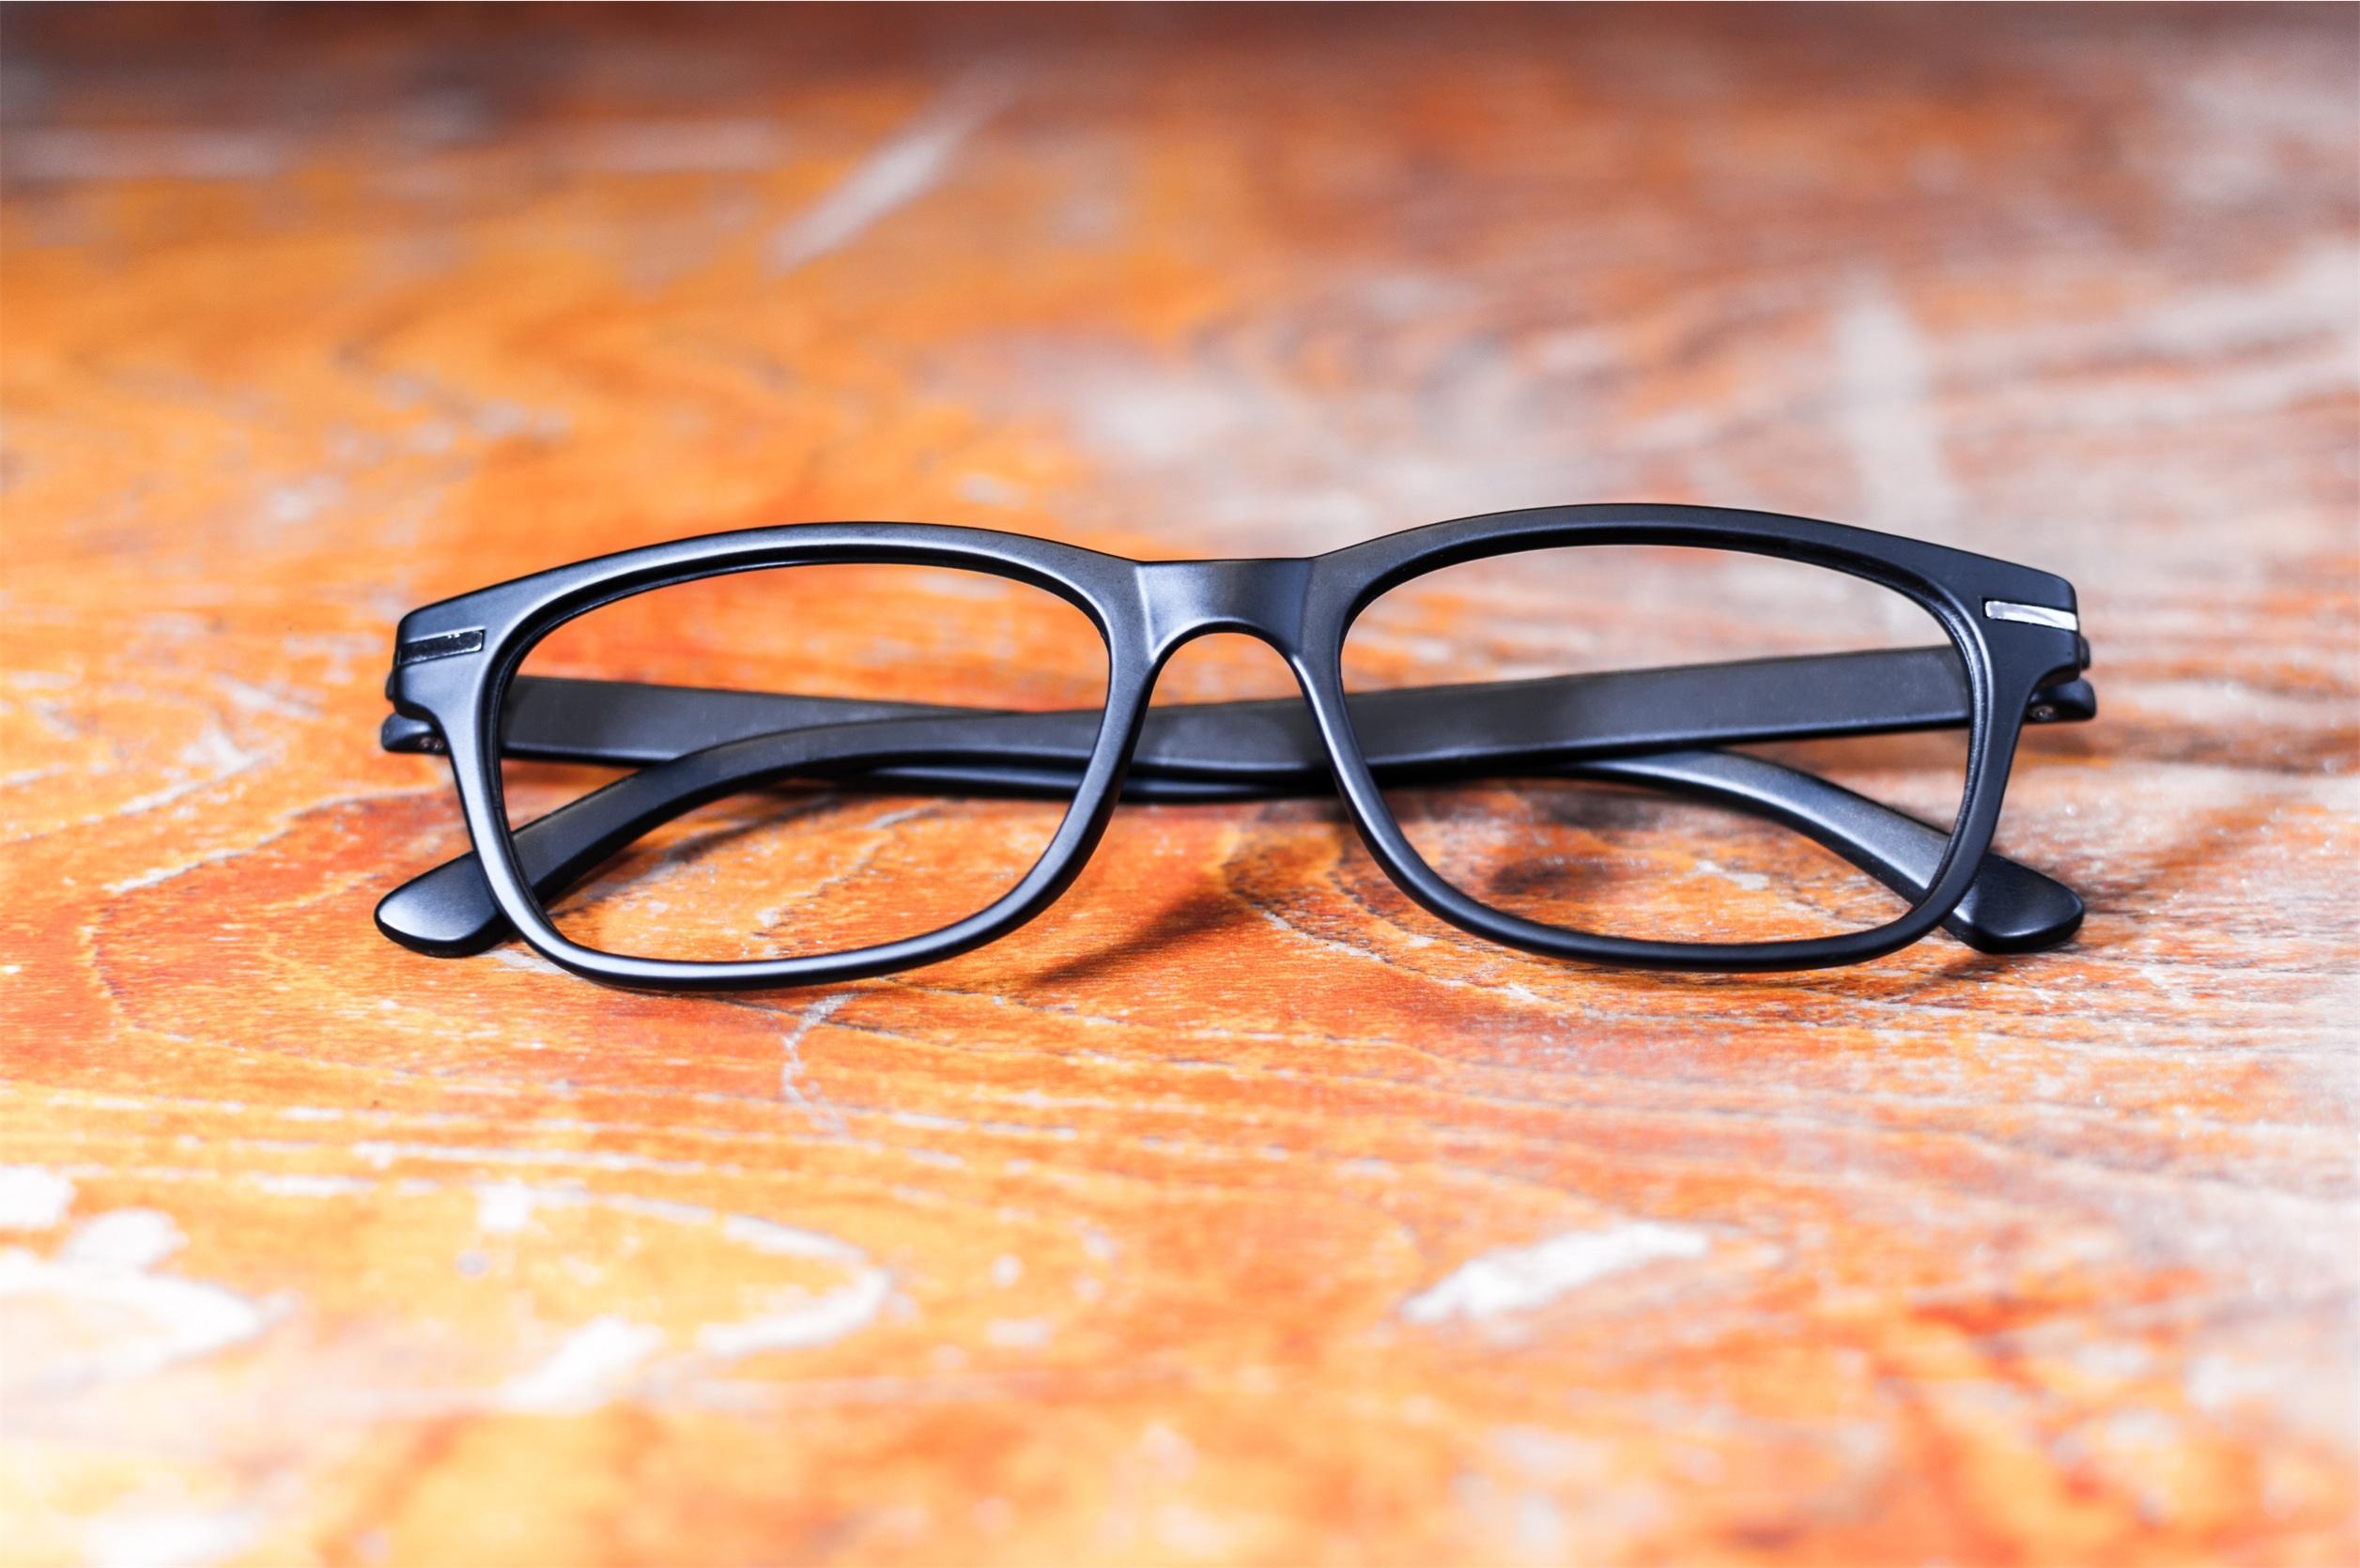 Fotos gratis : marco, los anteojos, gafas de protección, Gafas ...